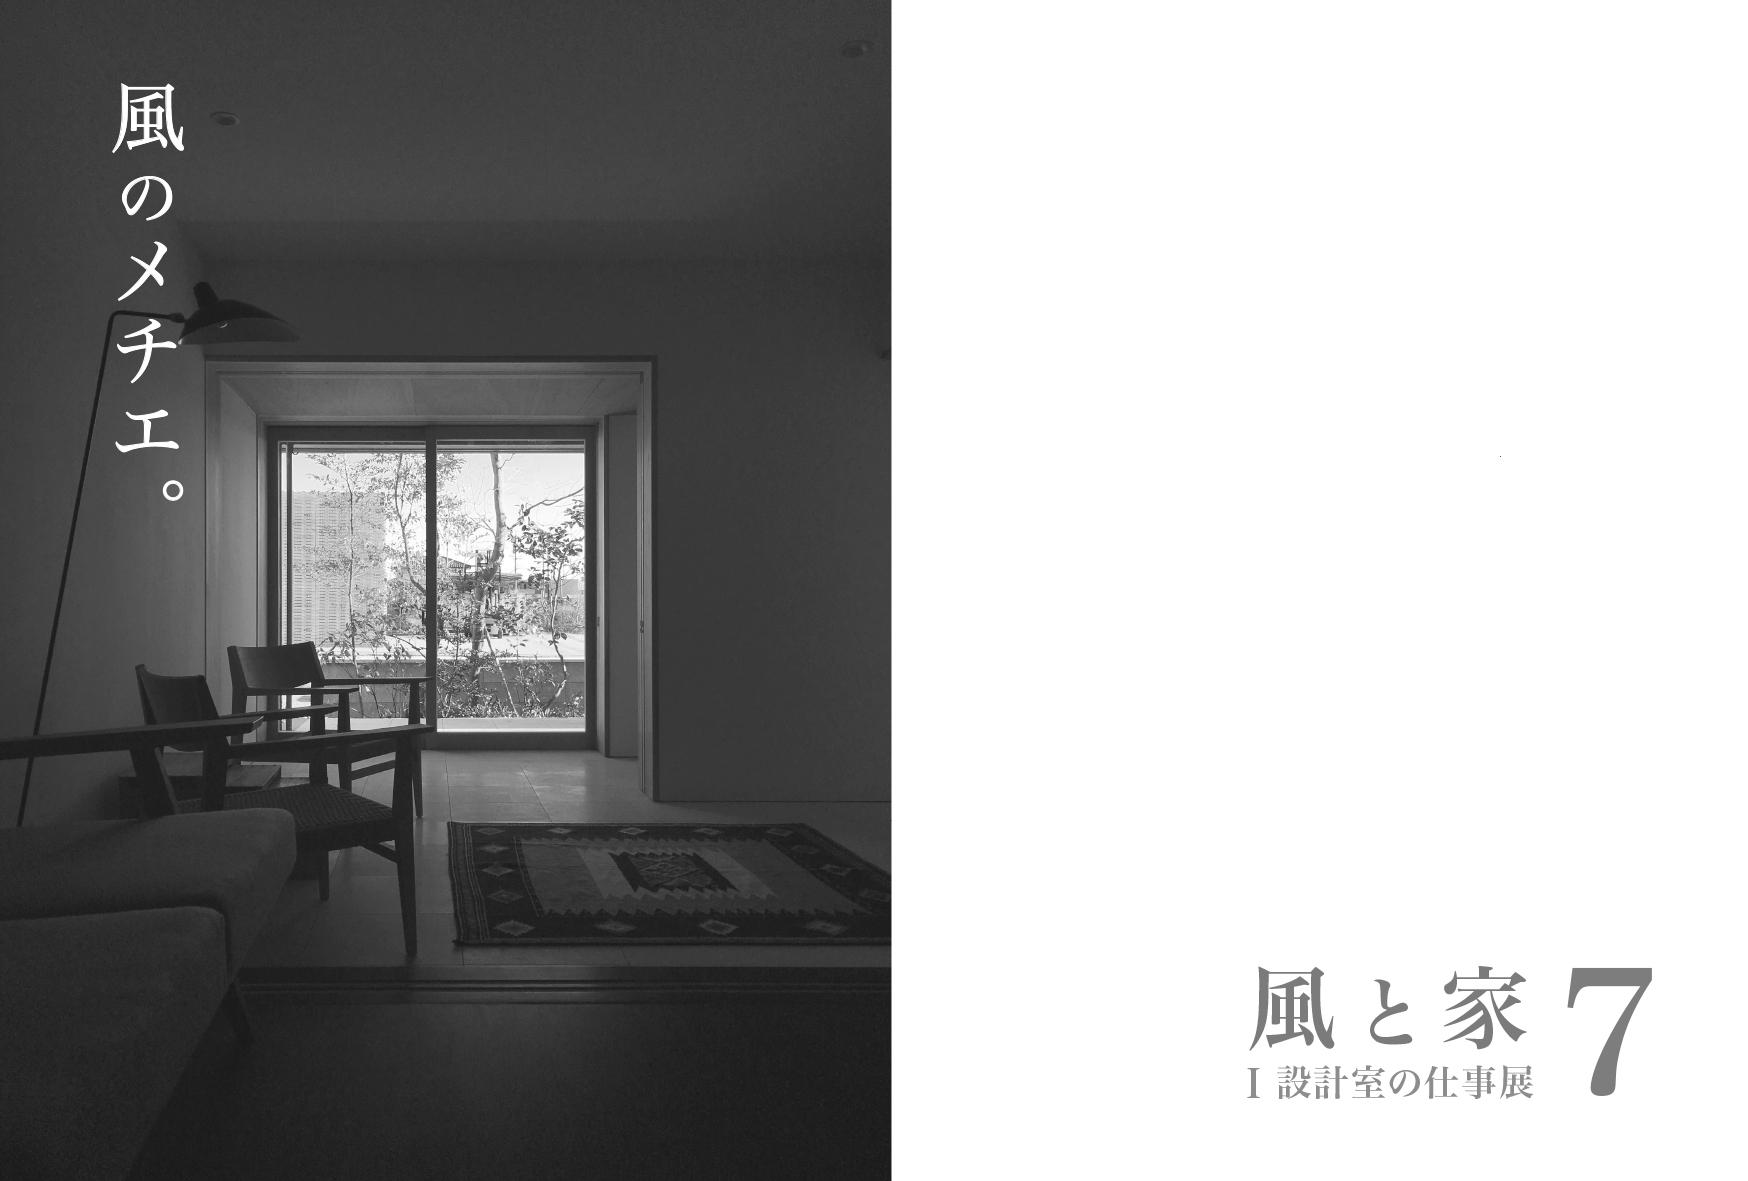 風と家7/2017.11.4-11.13